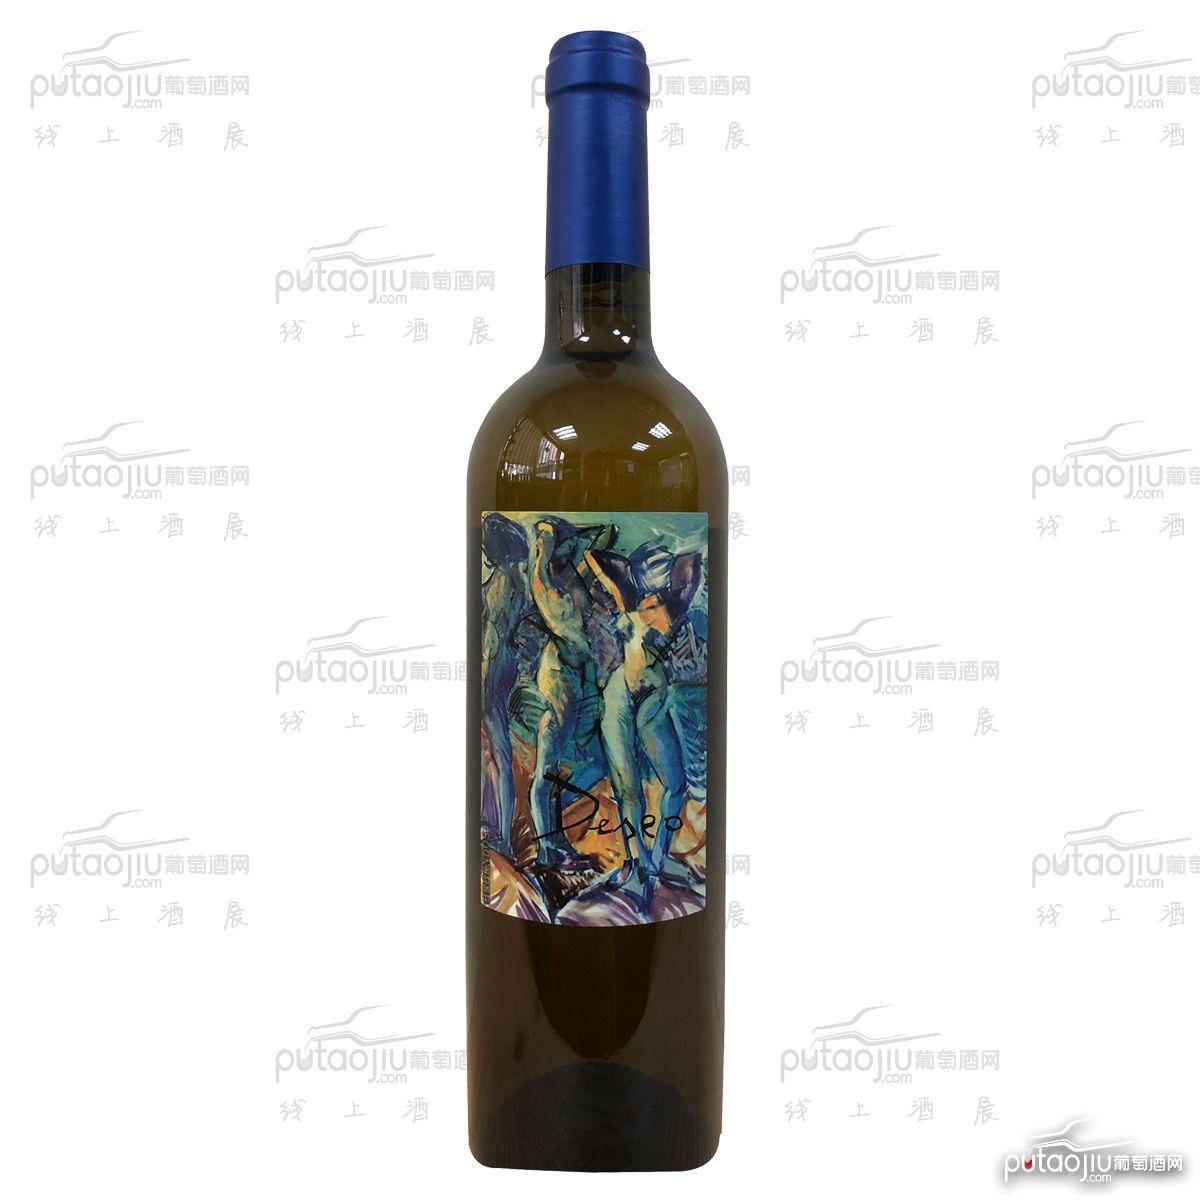 西班牙艺术酒庄自由梦系列霞多丽女神(白)D.O.P干白葡萄酒